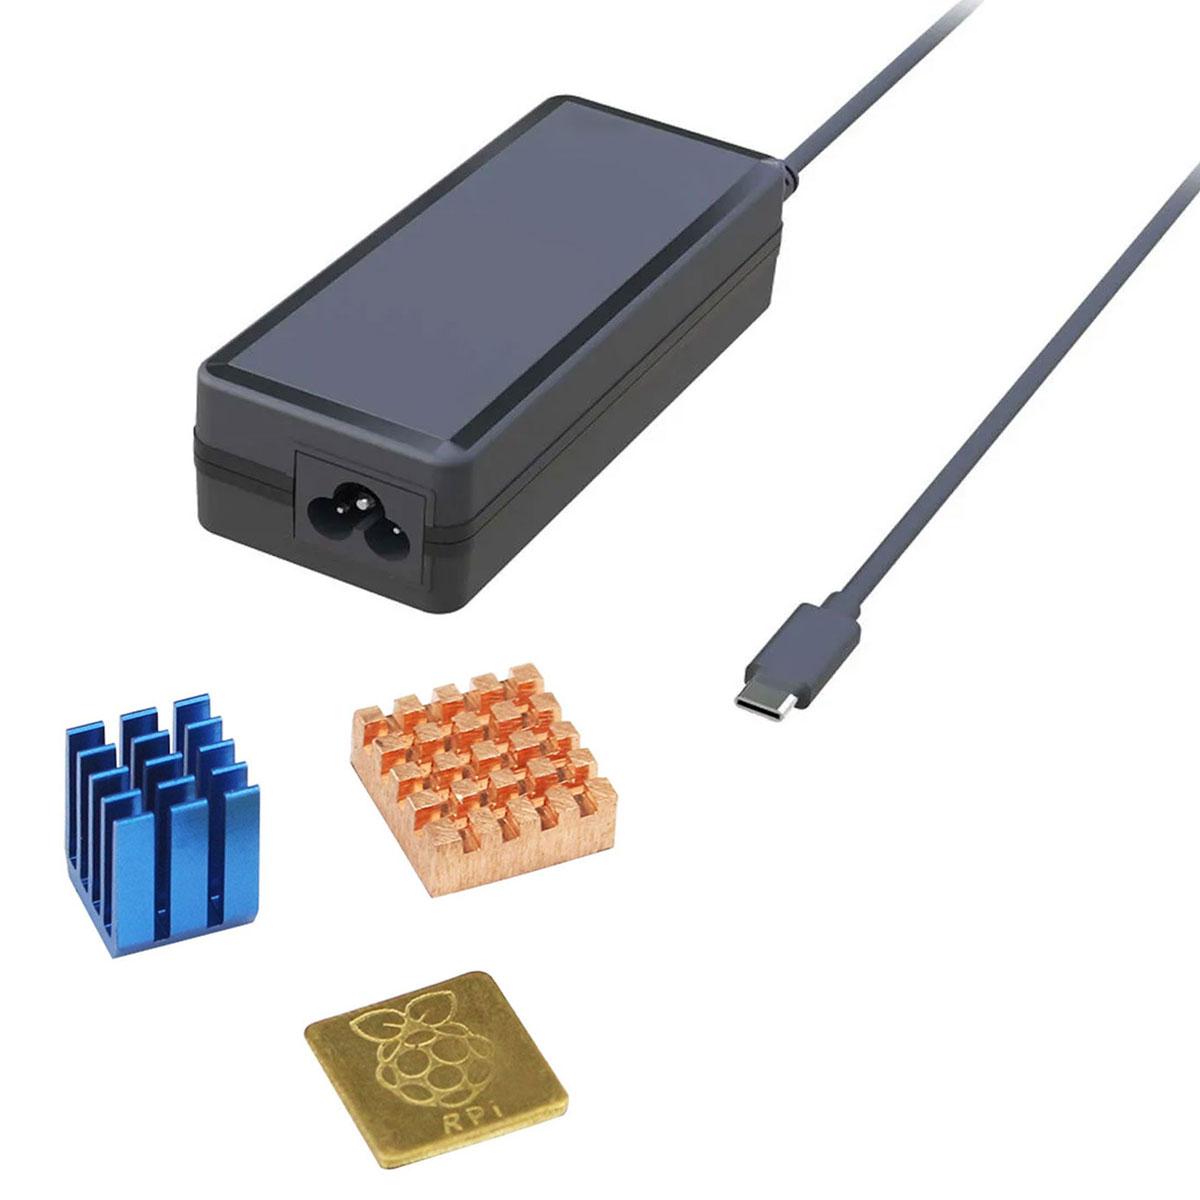 Fonte Raspberry Pi 4 5V 3A Tipo Mesa com botão liga/desliga Usb Tipo C + Dissipadores